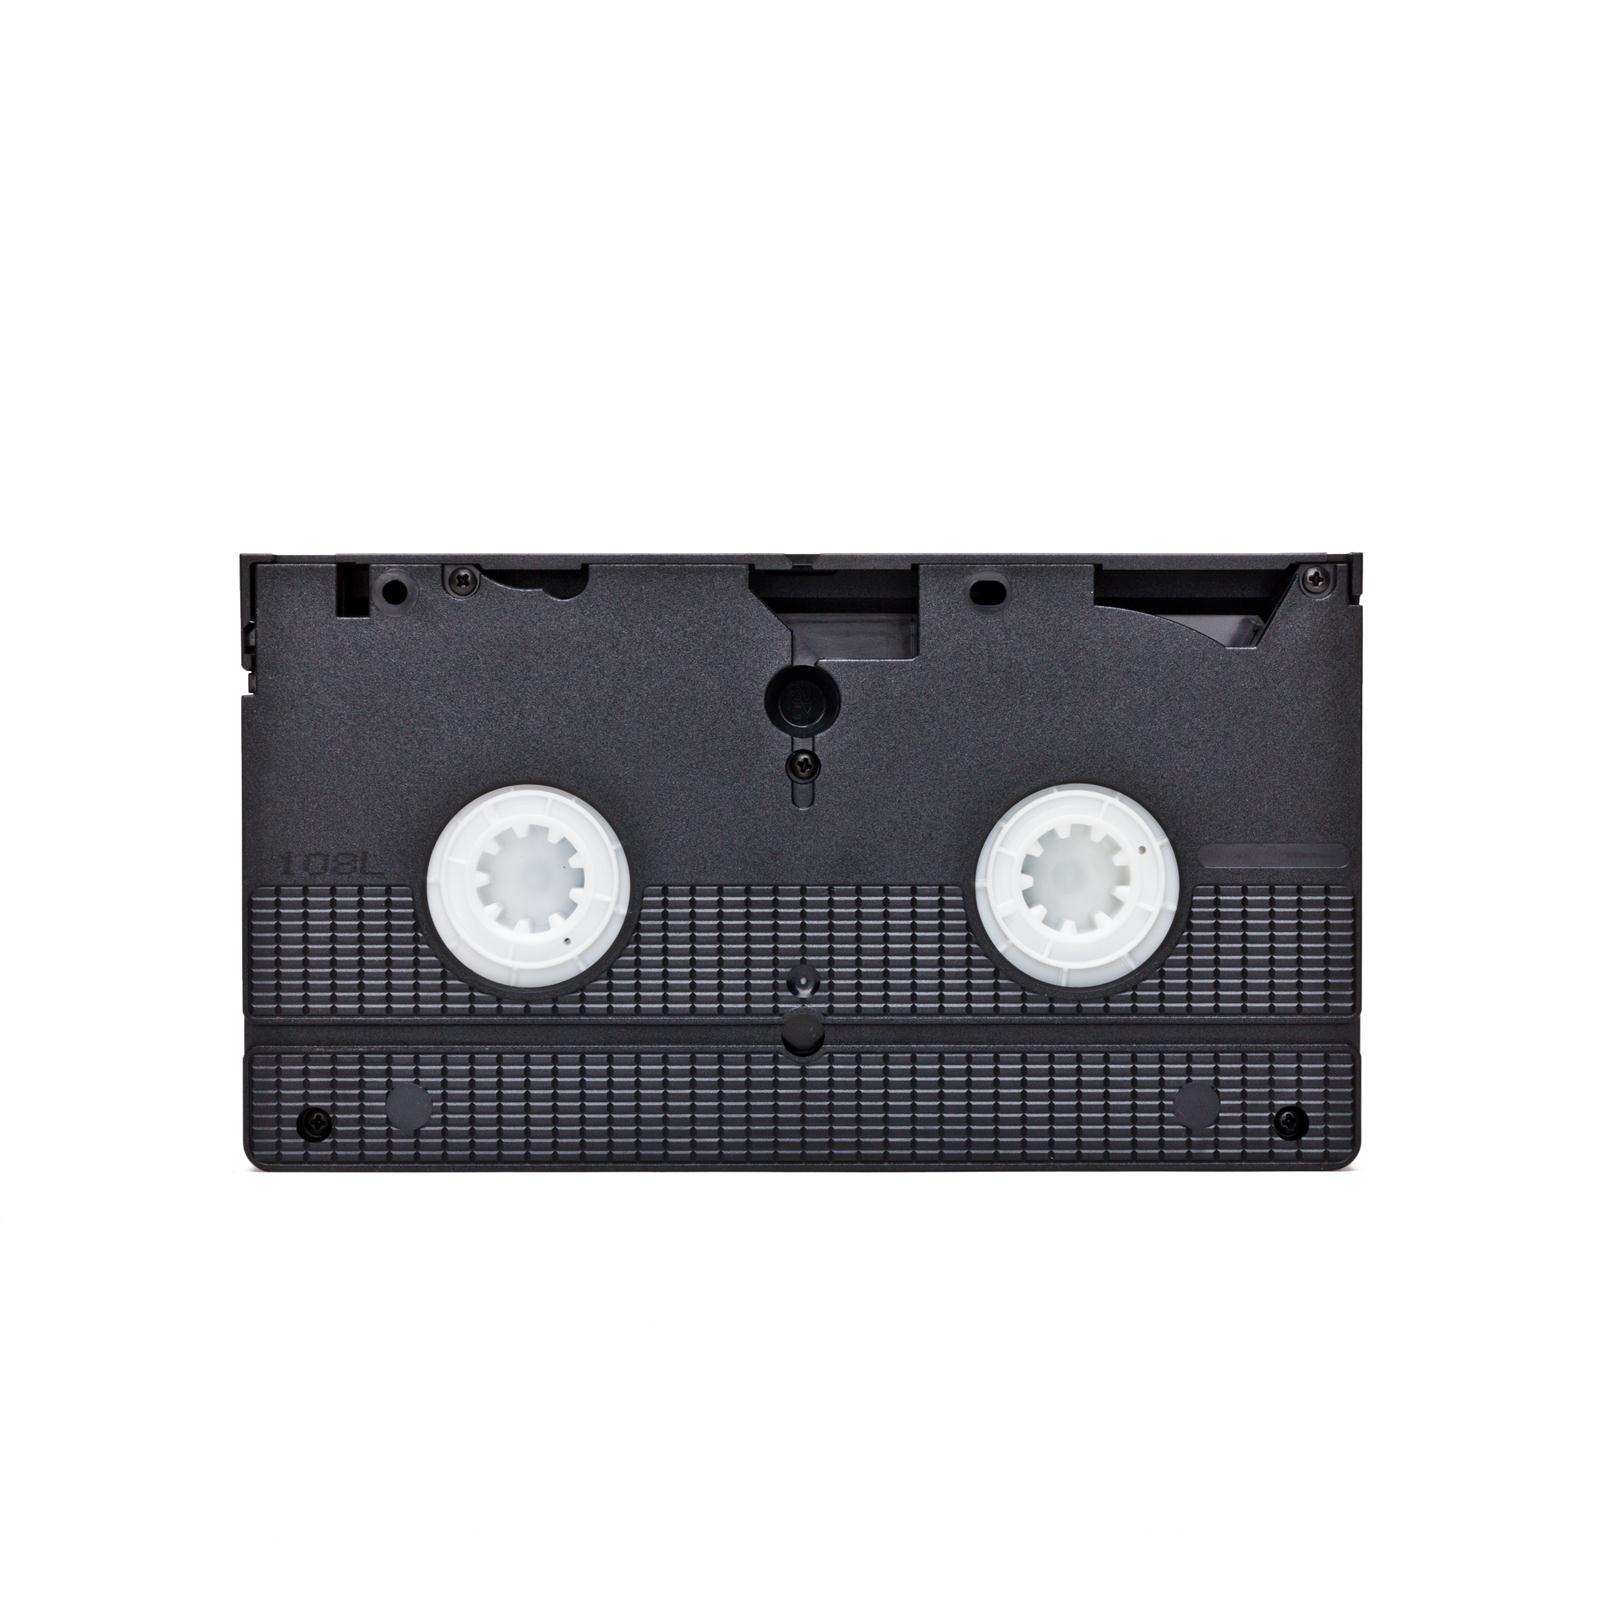 10x samsung vhs cassette vierge cassette cassette vid o ebay. Black Bedroom Furniture Sets. Home Design Ideas